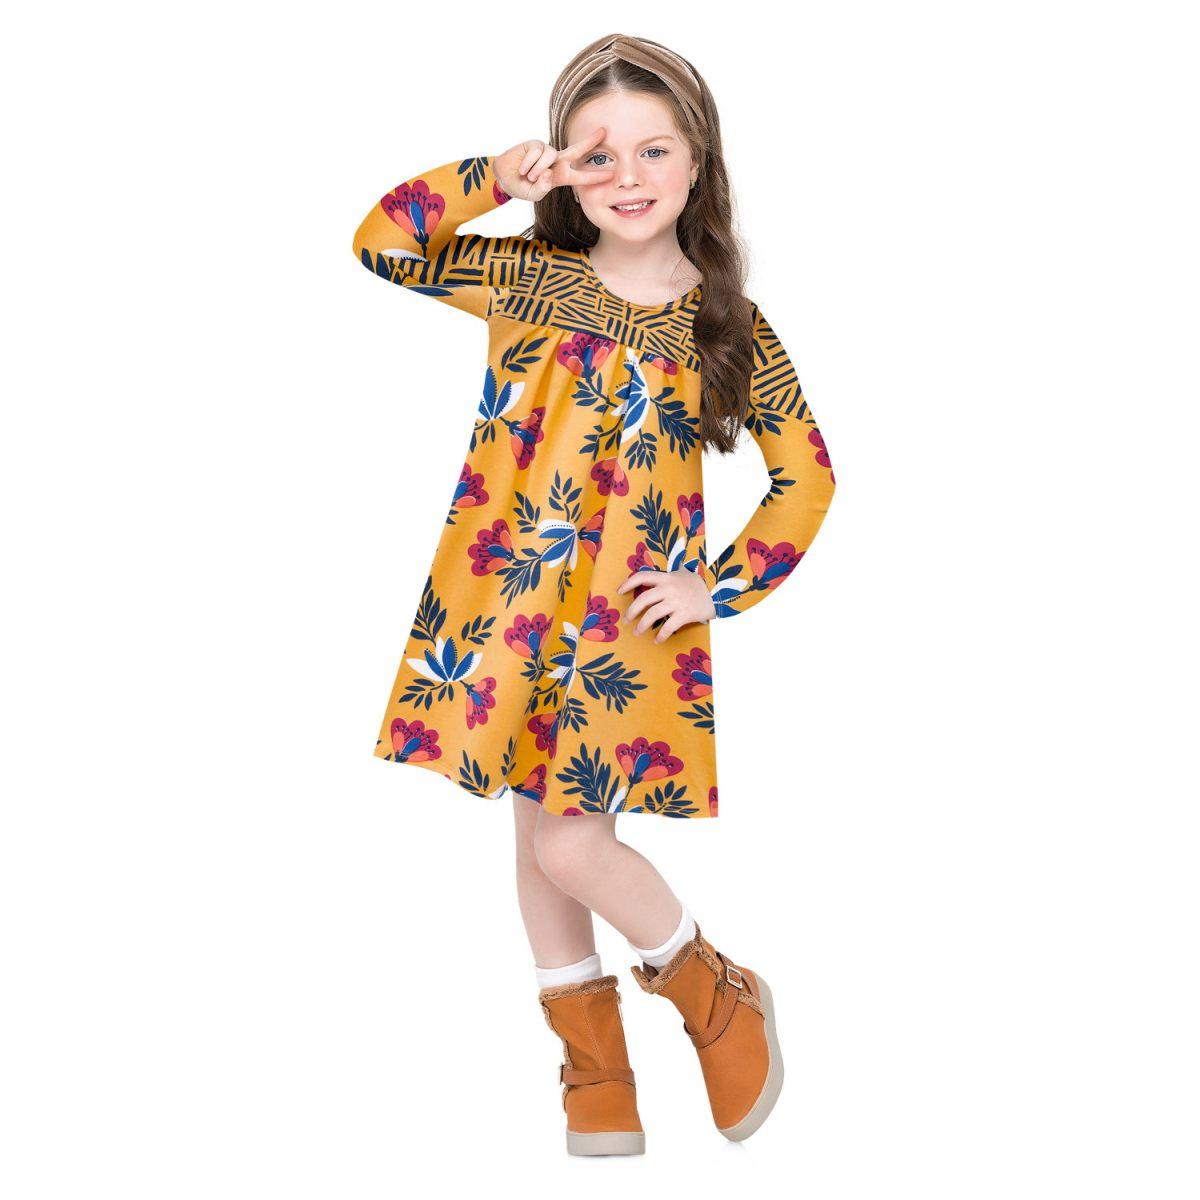 Vestido Infantil Nanai em Cotton Estampado na cor Amarelo-600626-2735